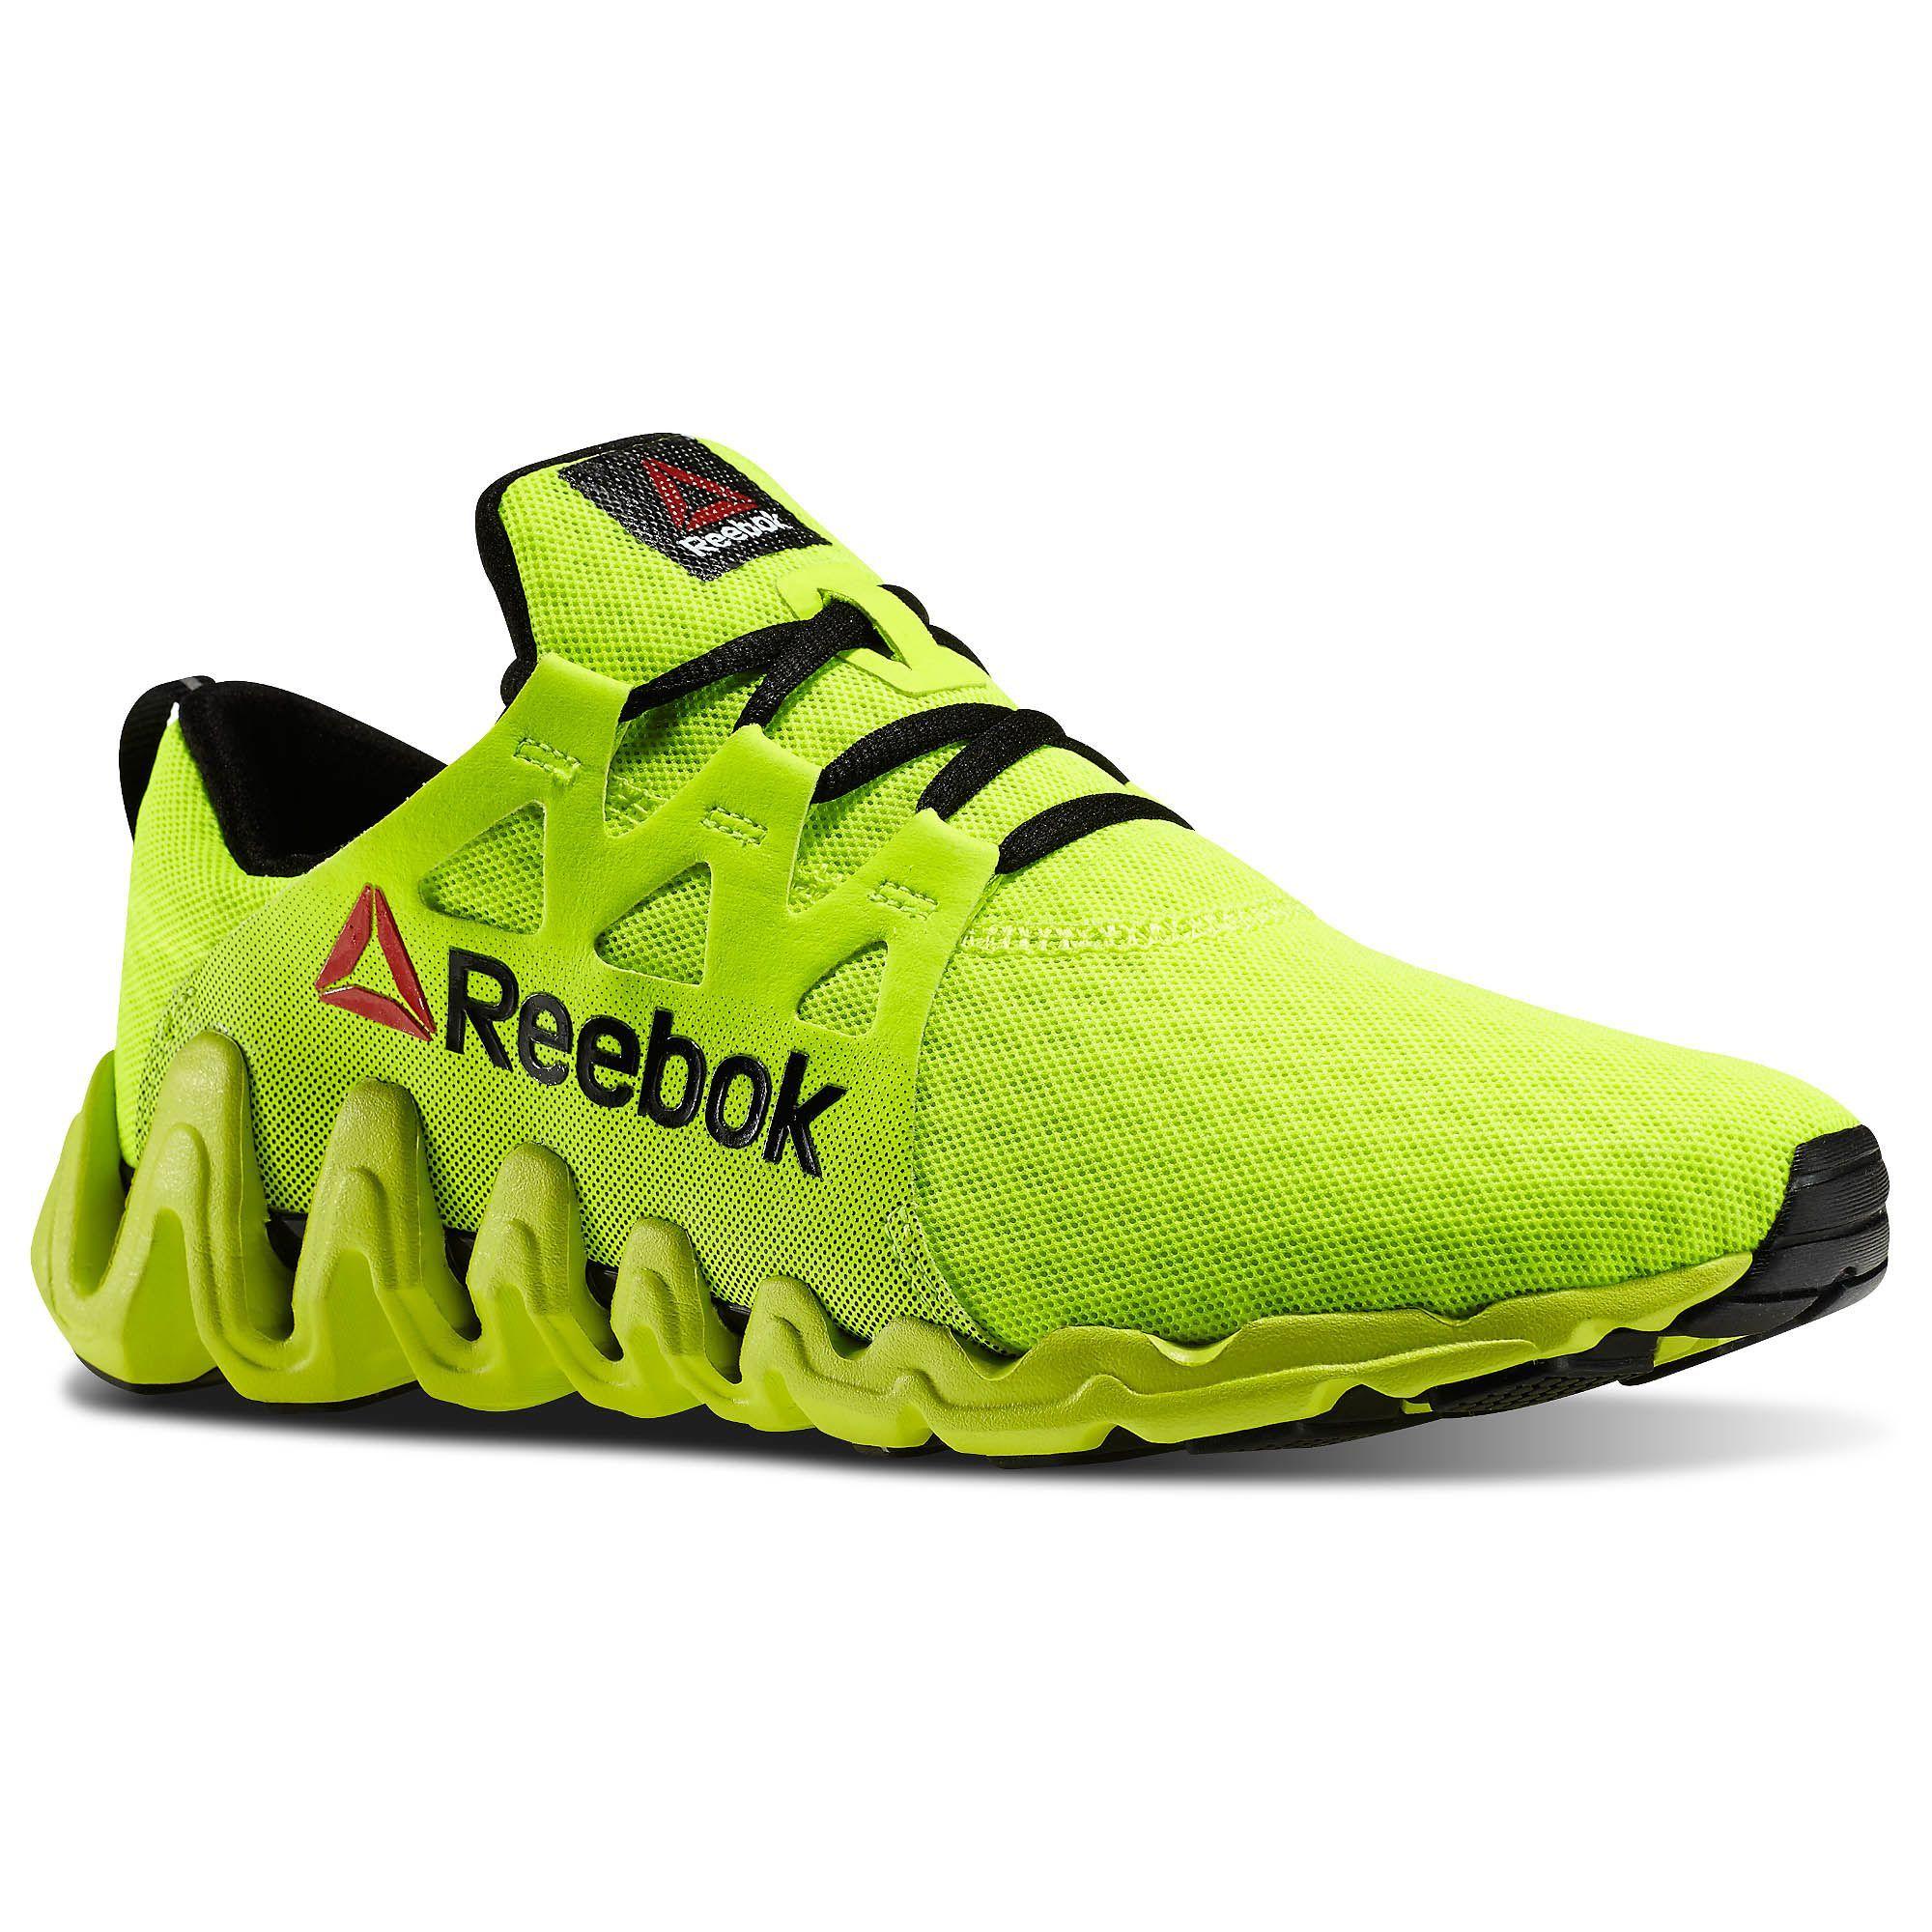 Reebok - ZigTech Big   Fast   Shoes   Pinterest   Reebok and Big a3d8aca0251